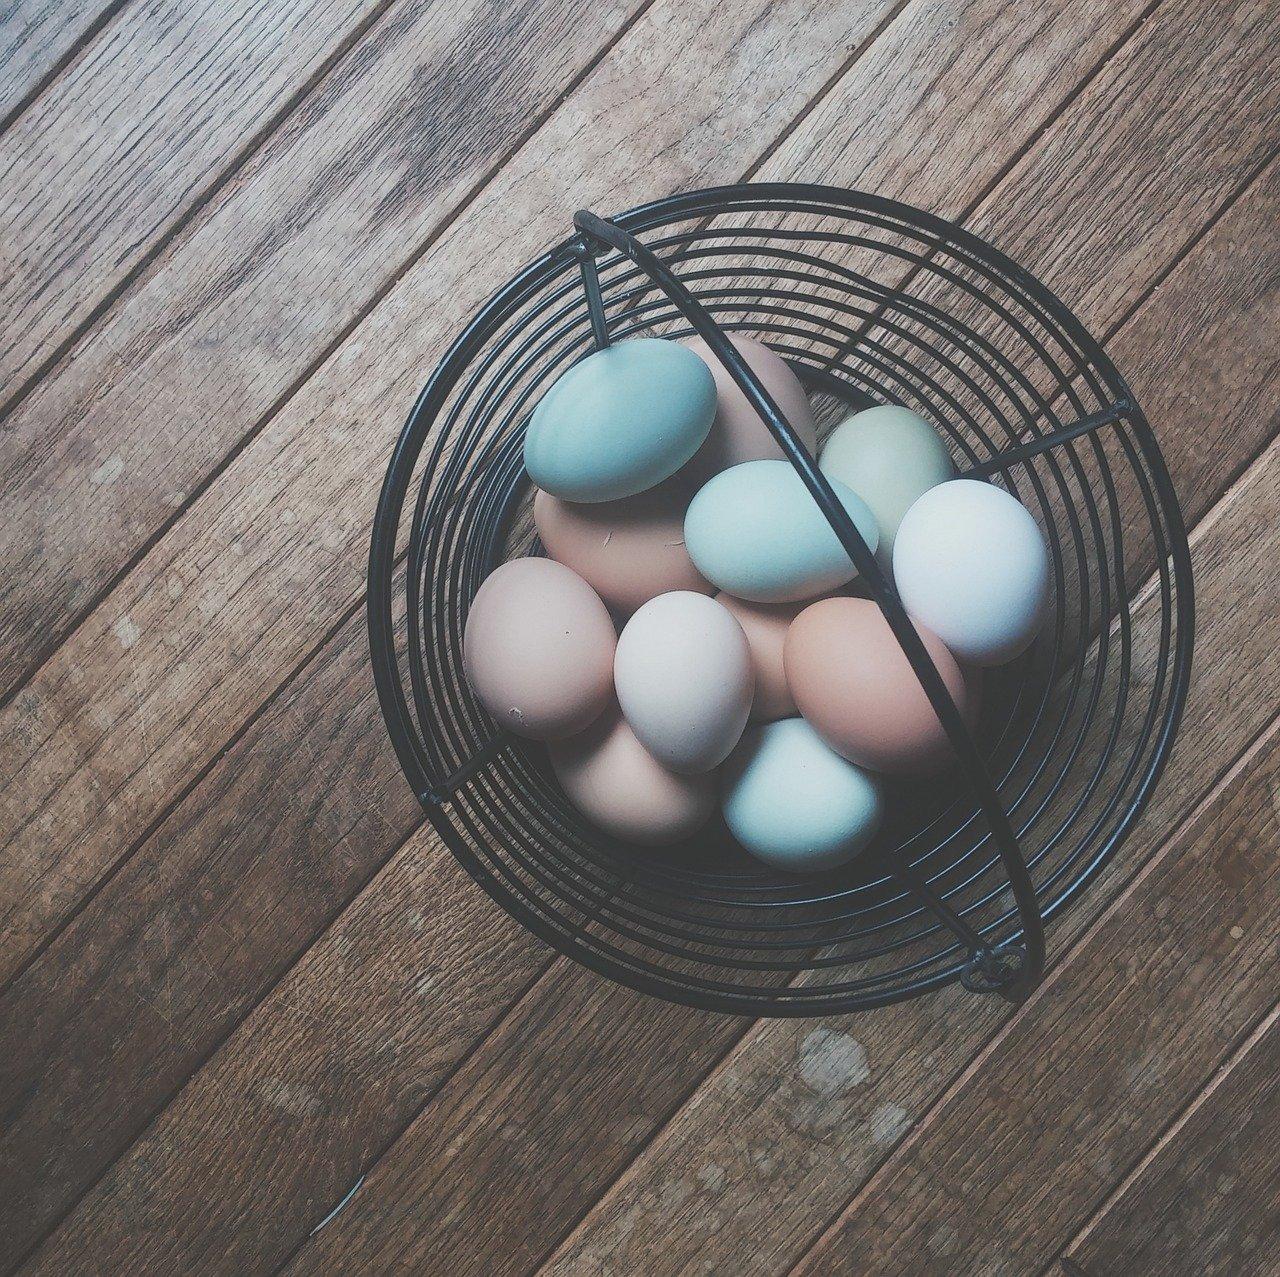 easter-eggs-828955_1280